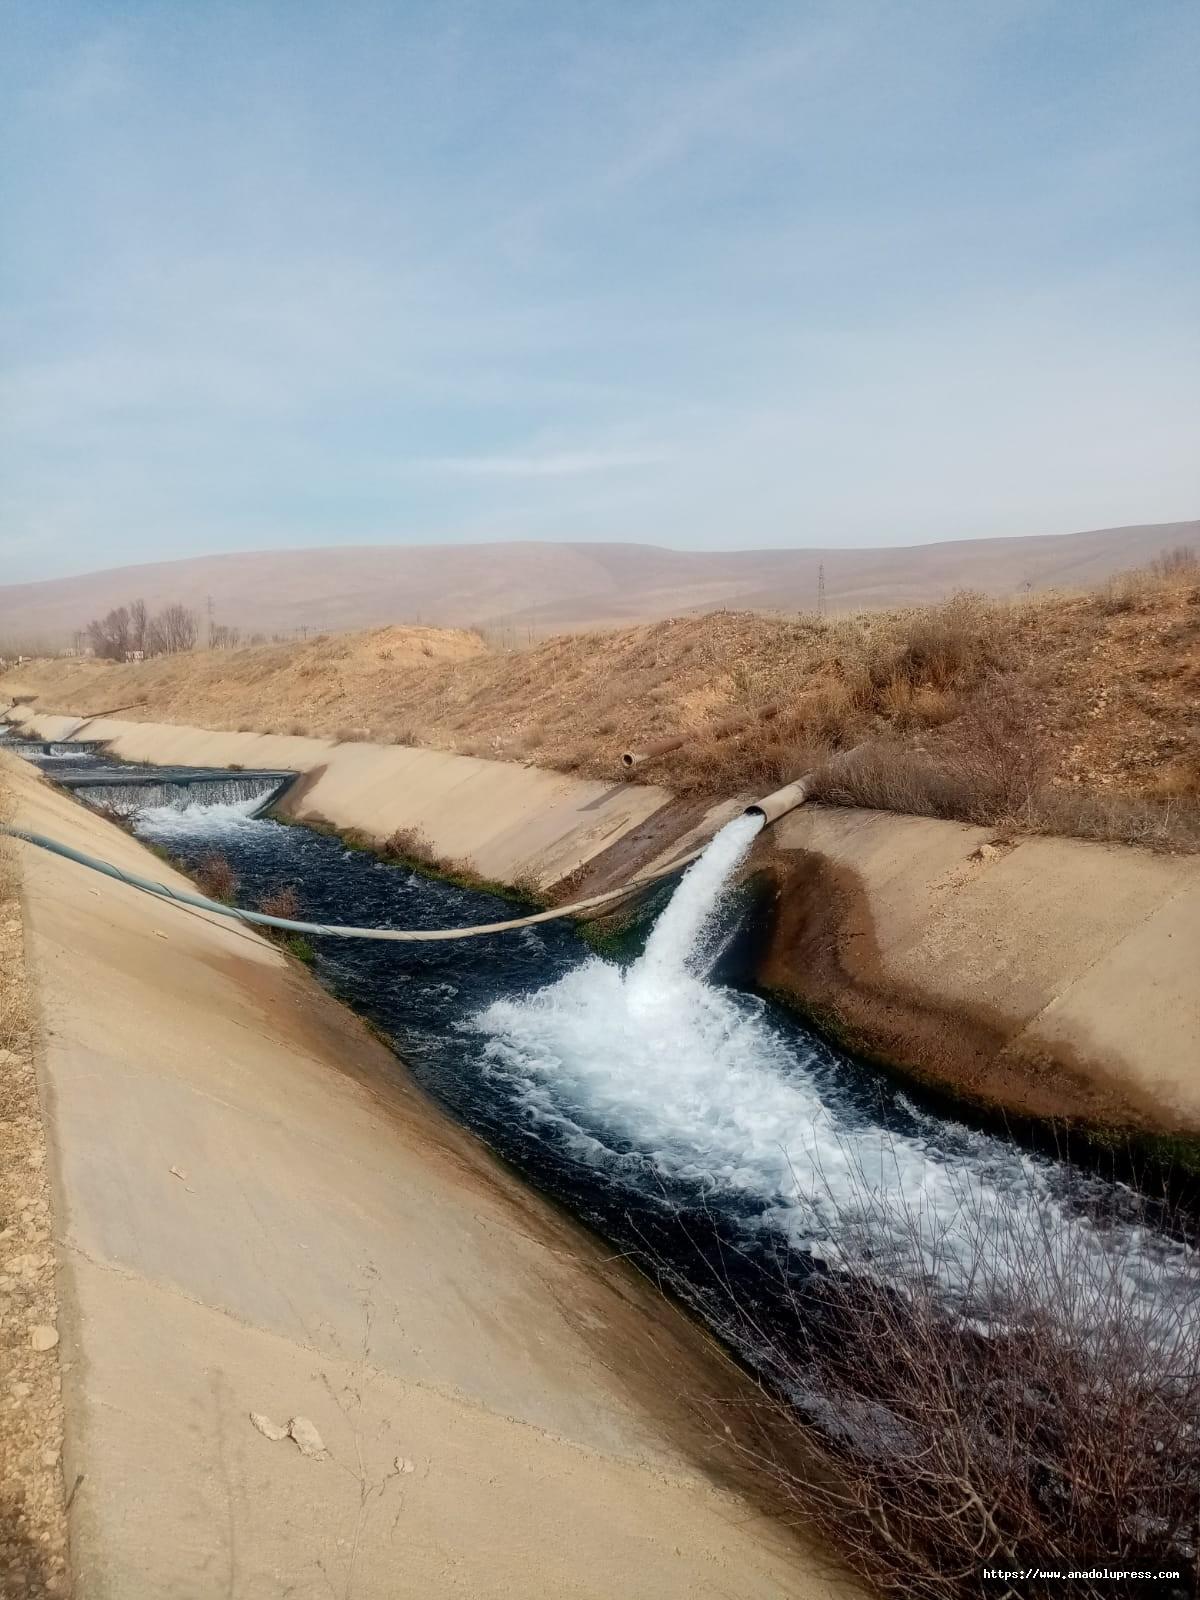 Yeraltı Sularının Boşaltılması Çevre ve Tarımsal Üretim Açısından Felaket Olur